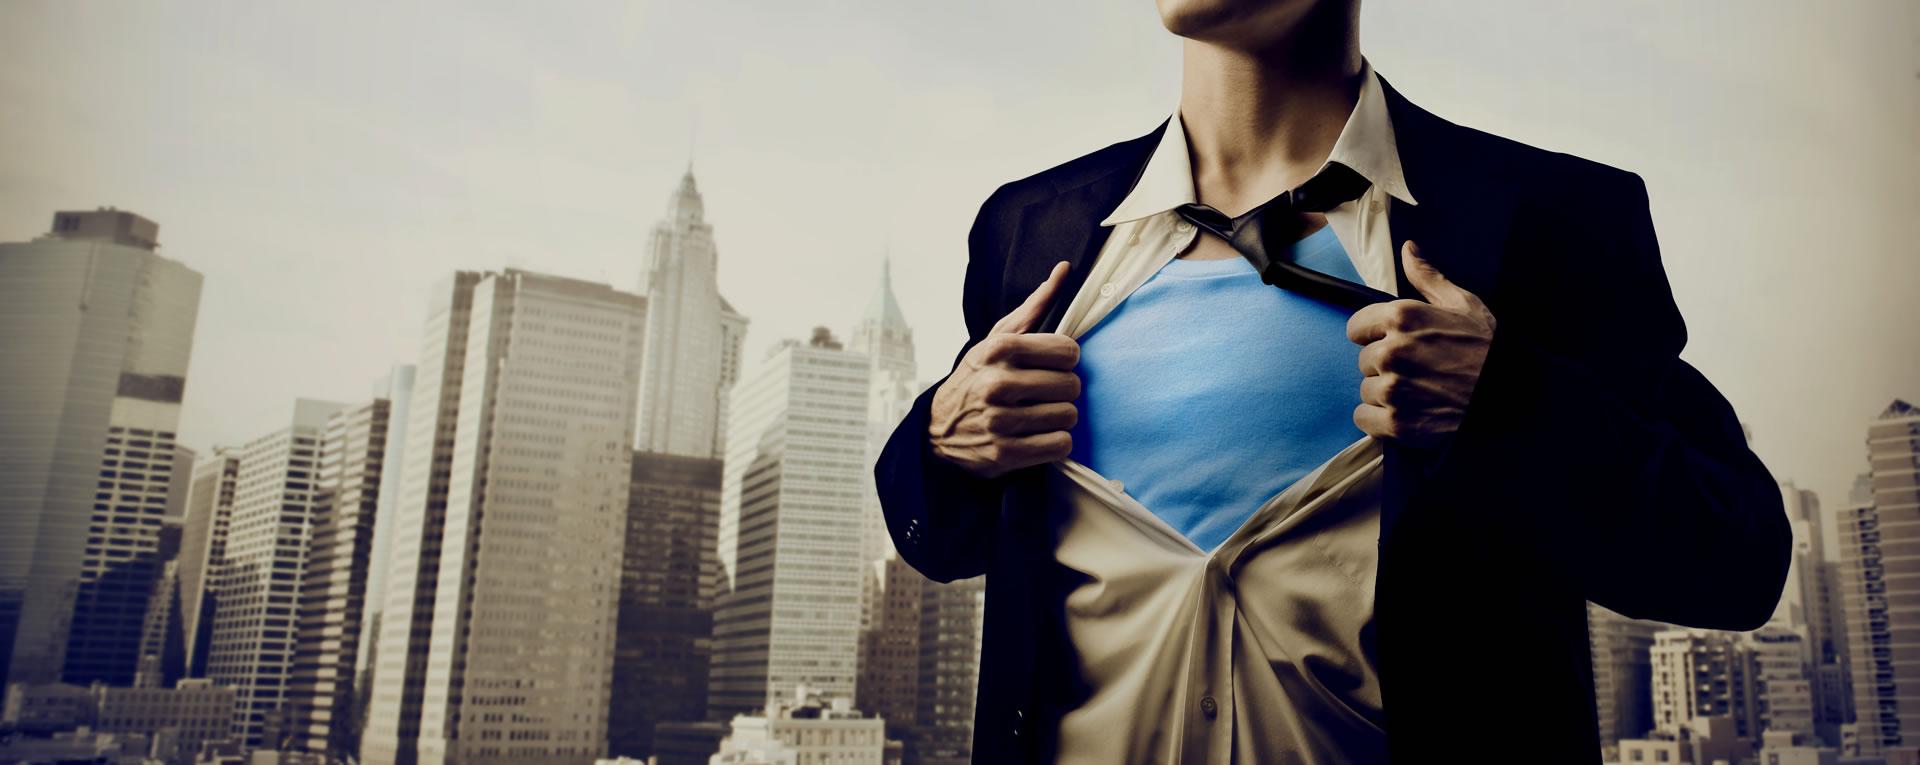 superherowolfe